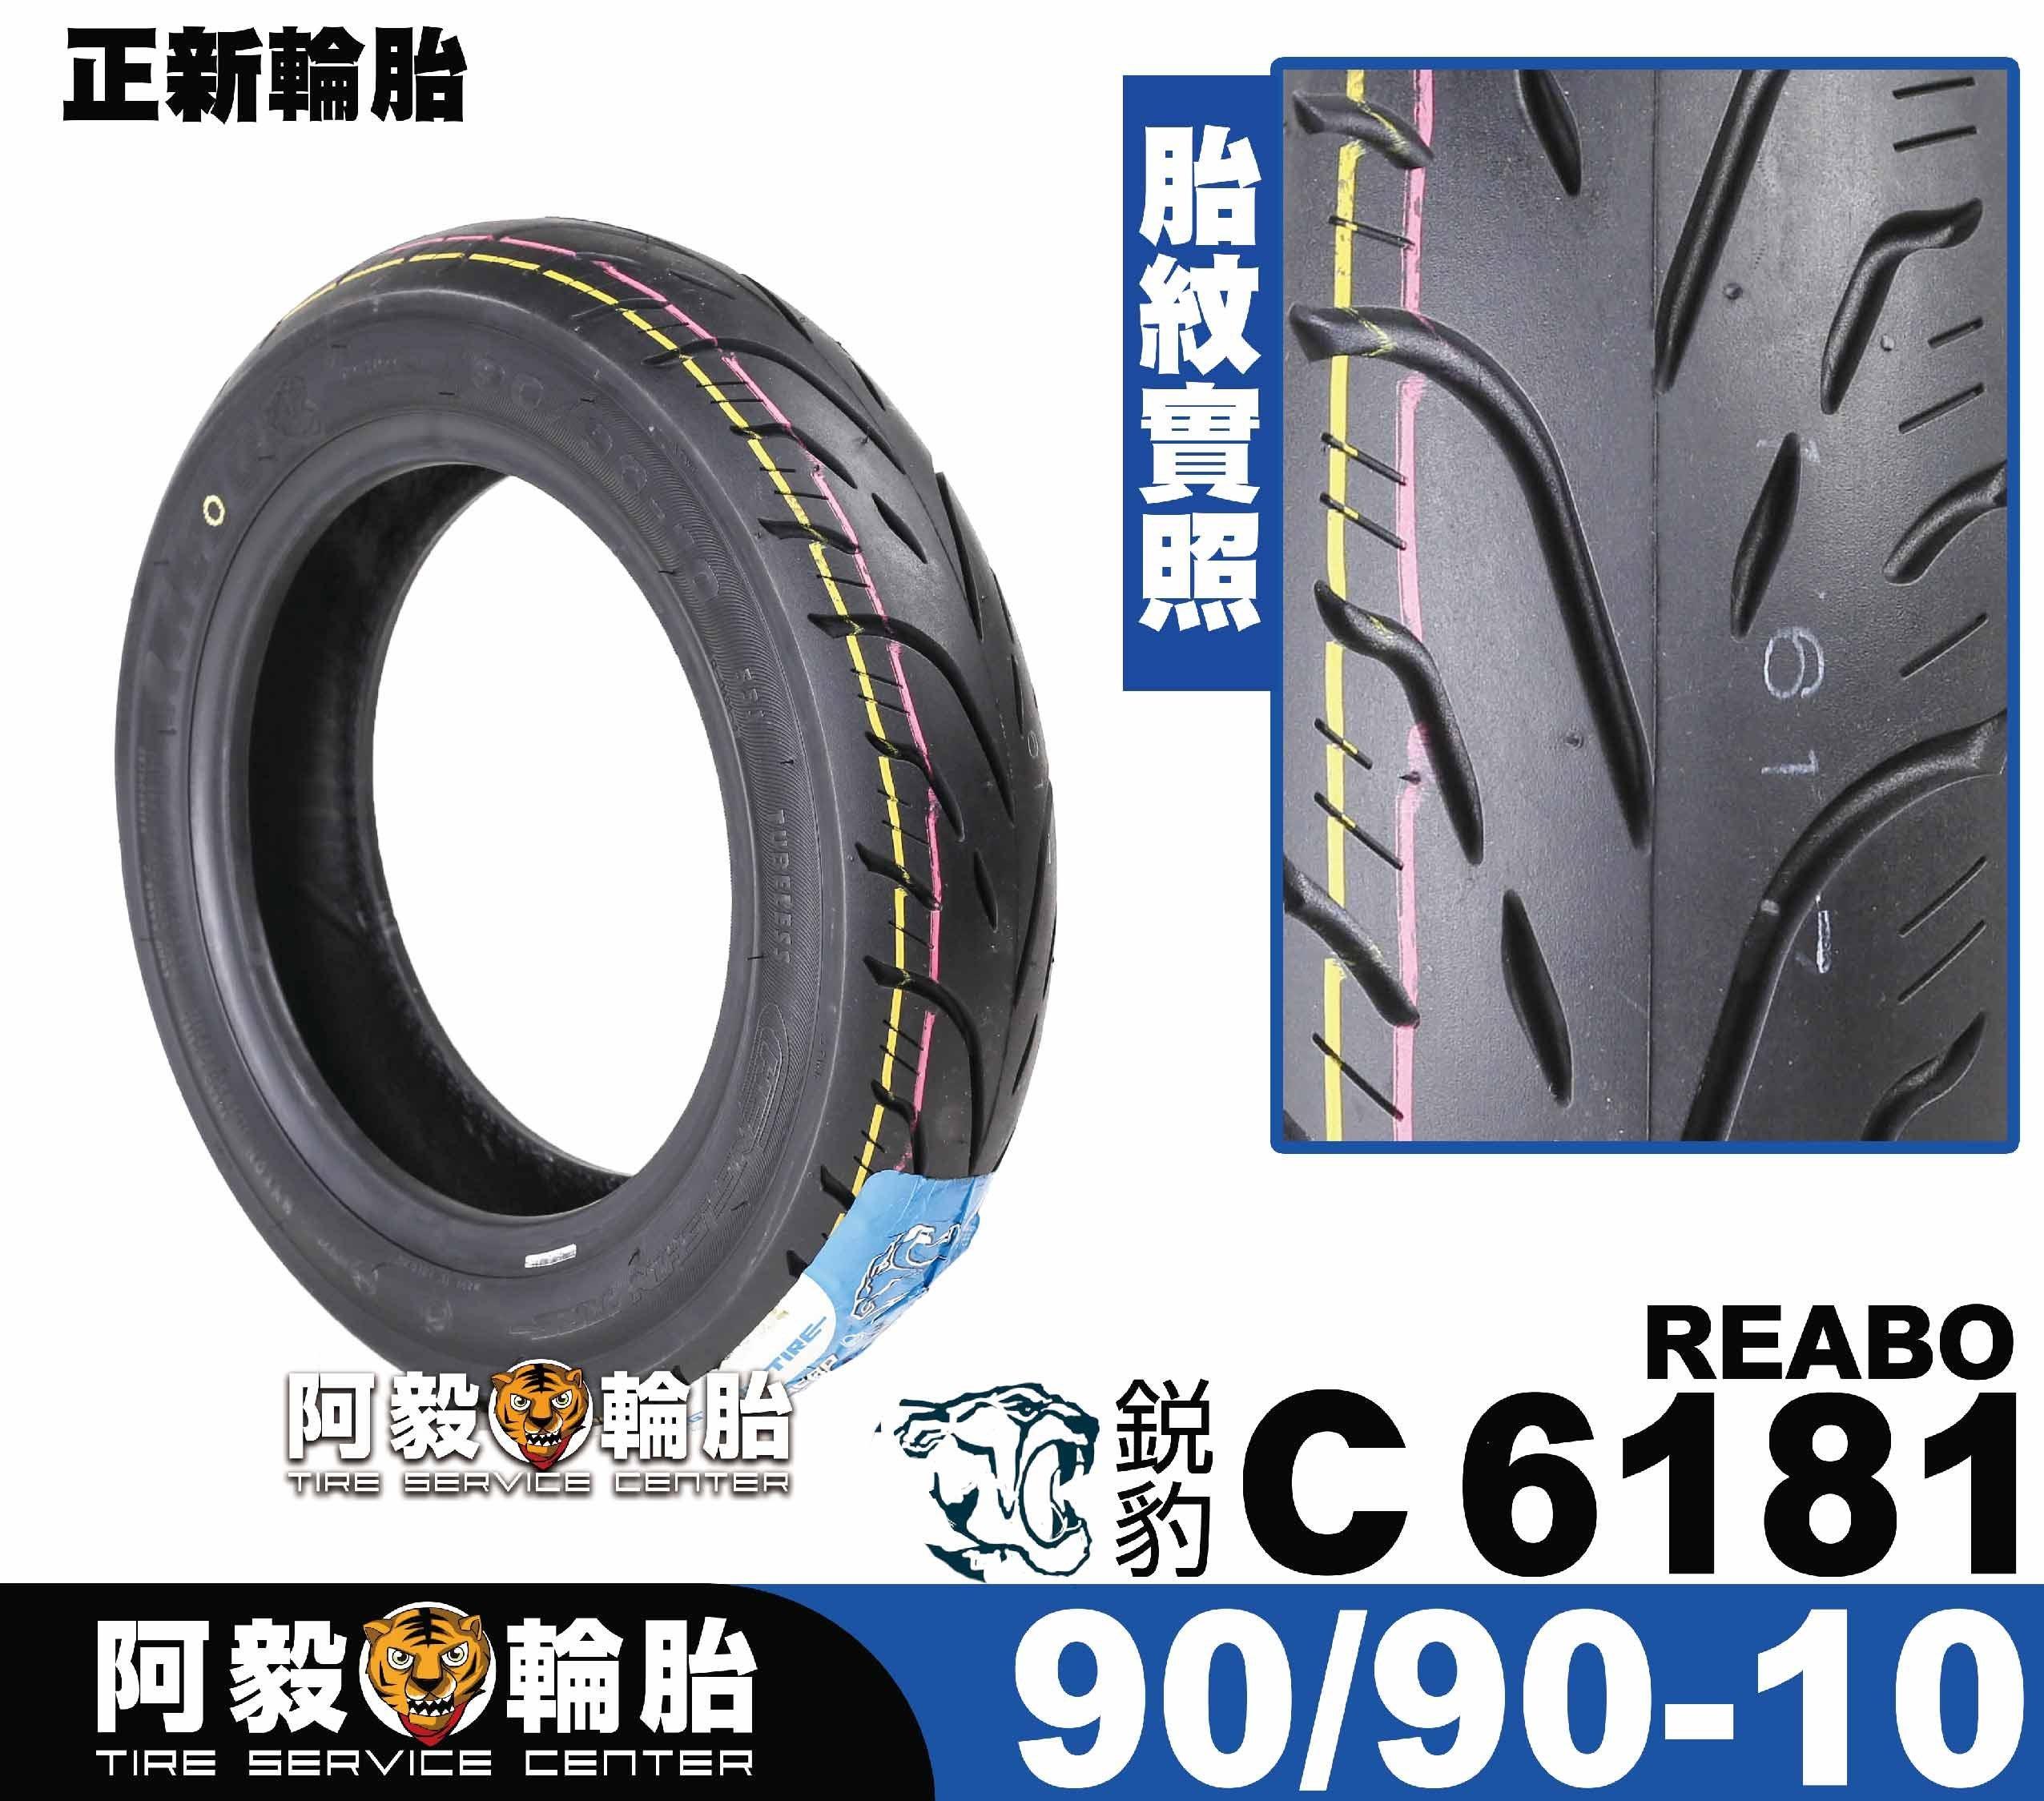 90/90-10 台灣正新輪胎 鋭豹 REABO C6181 90/90-10 門市安裝送輪胎平衡+除蠟+氮氣填充服務